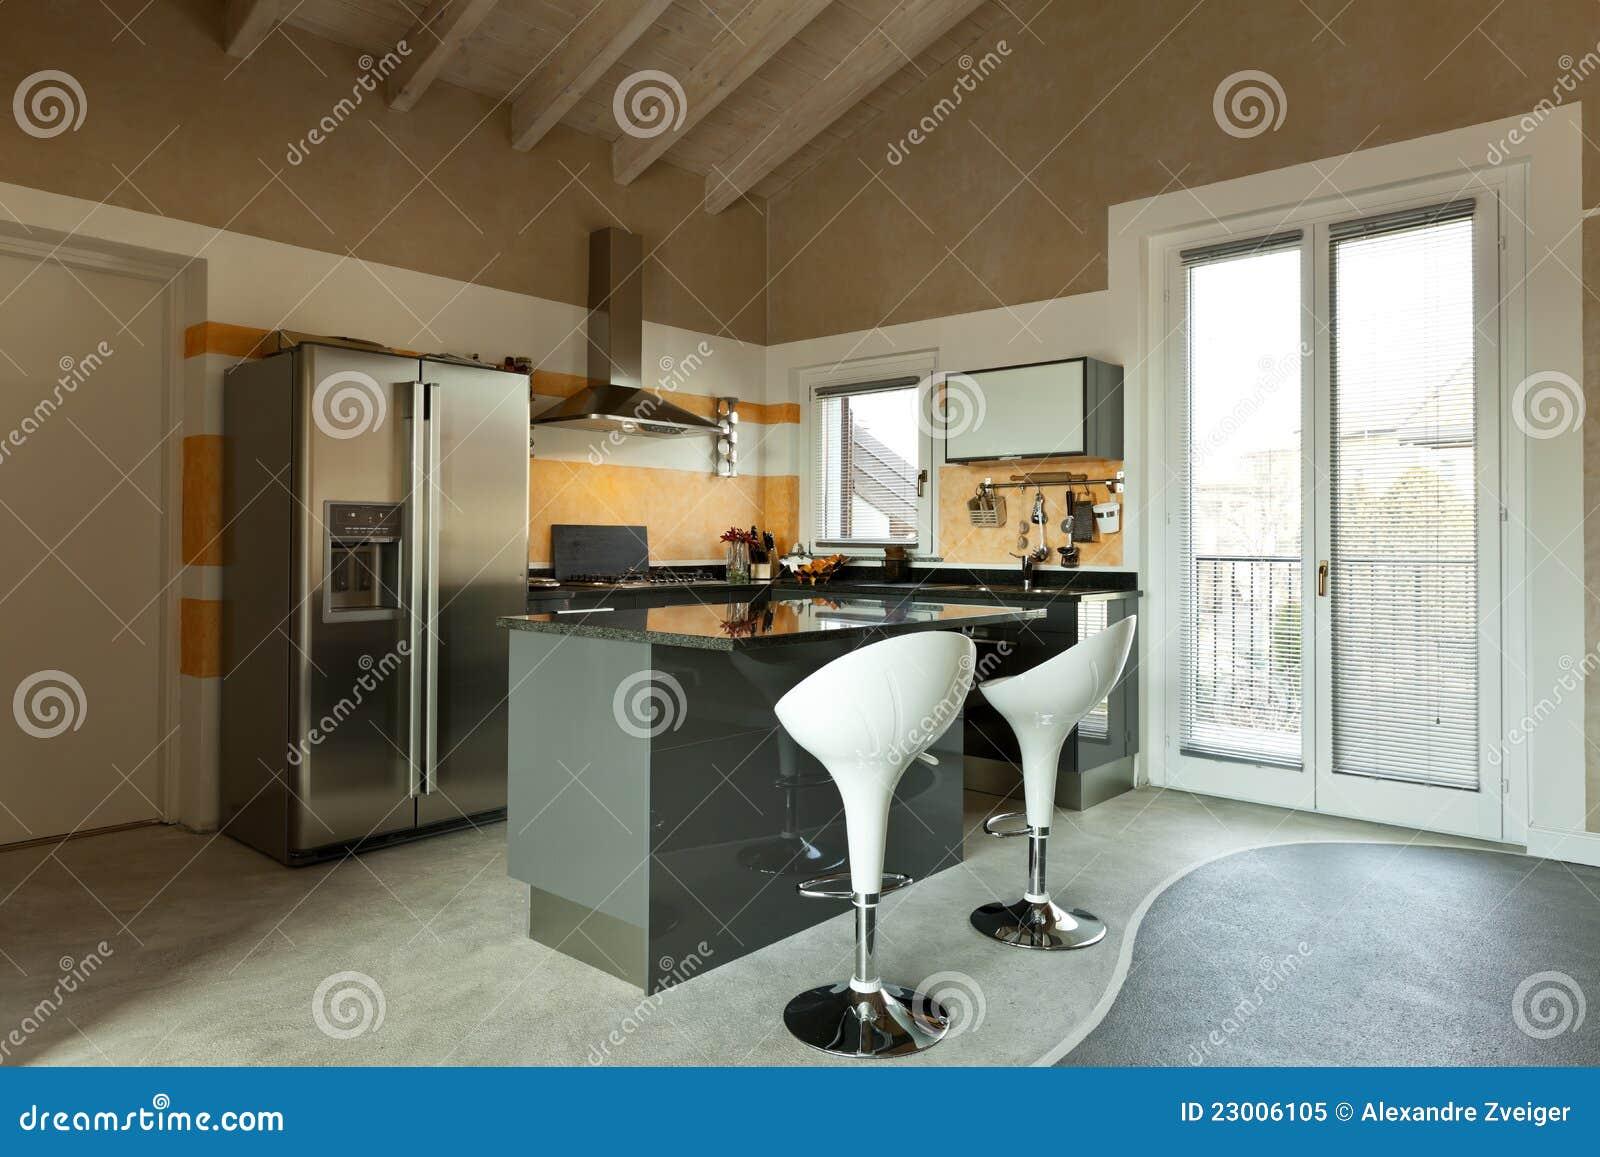 Het eiland van de keuken met twee krukken royalty vrije stock foto beeld 23006105 - Keuken foto met eiland ...